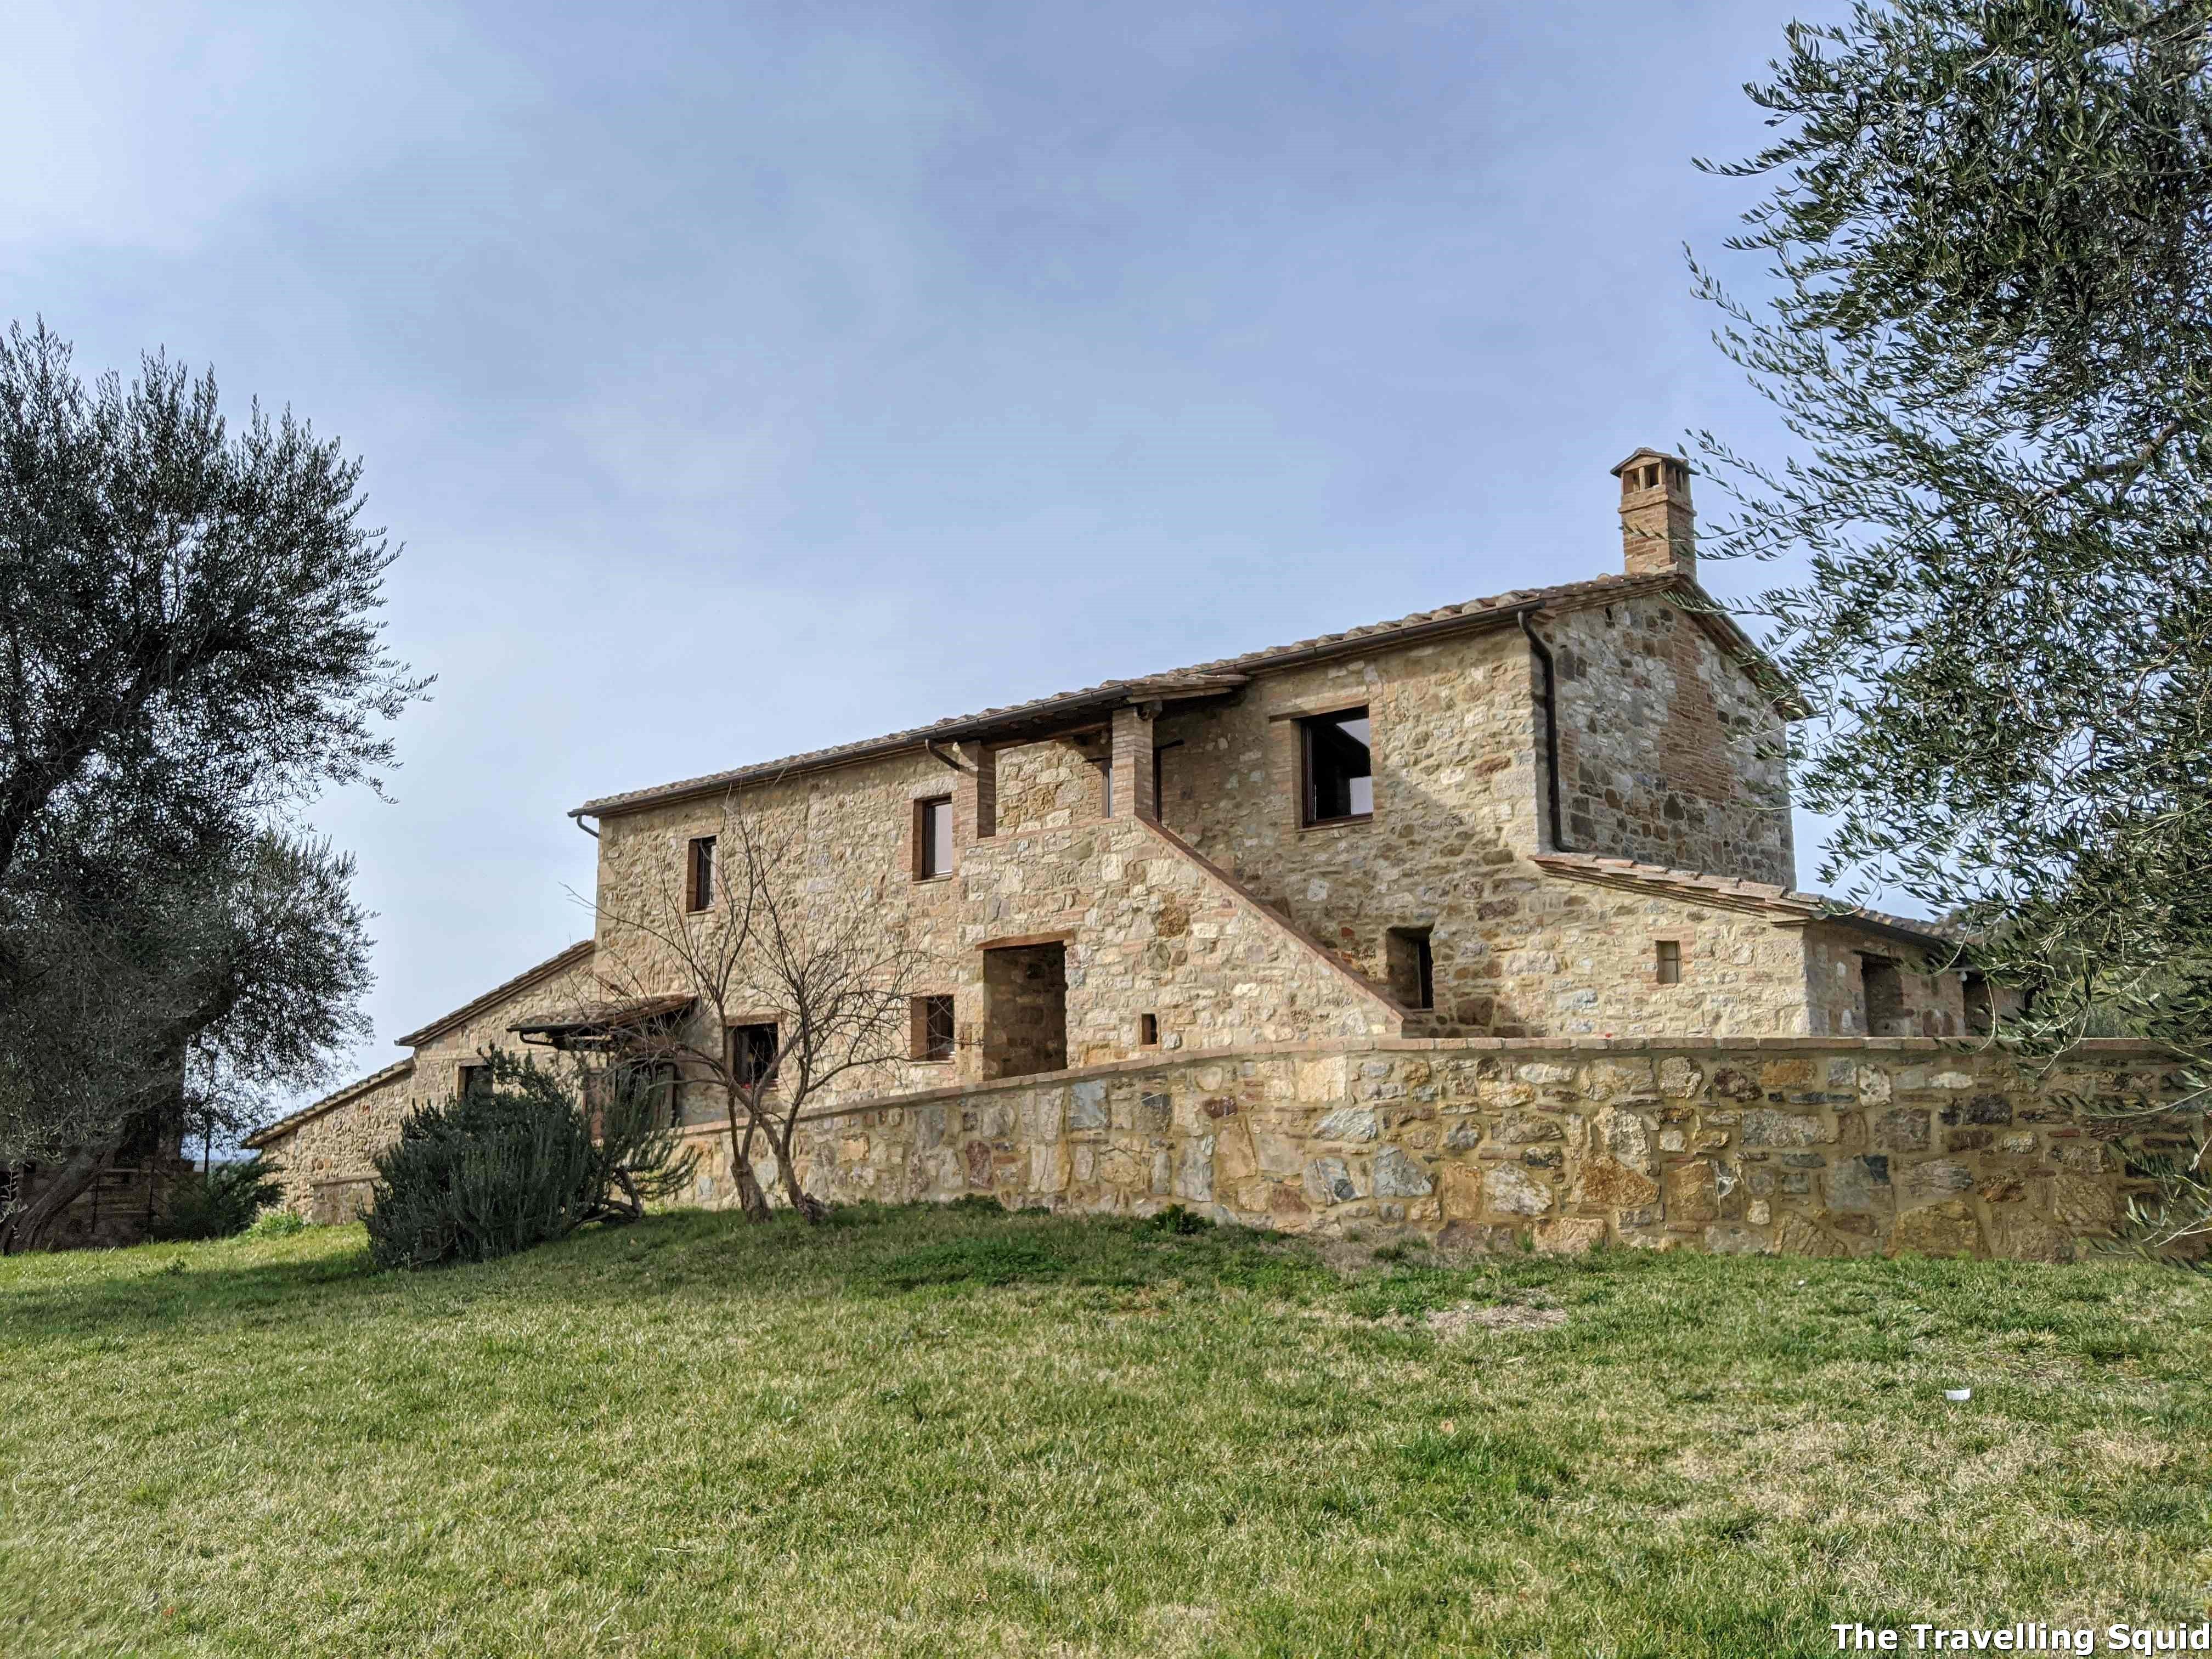 CiacciPiccolomini d'Aragona in Montalcino